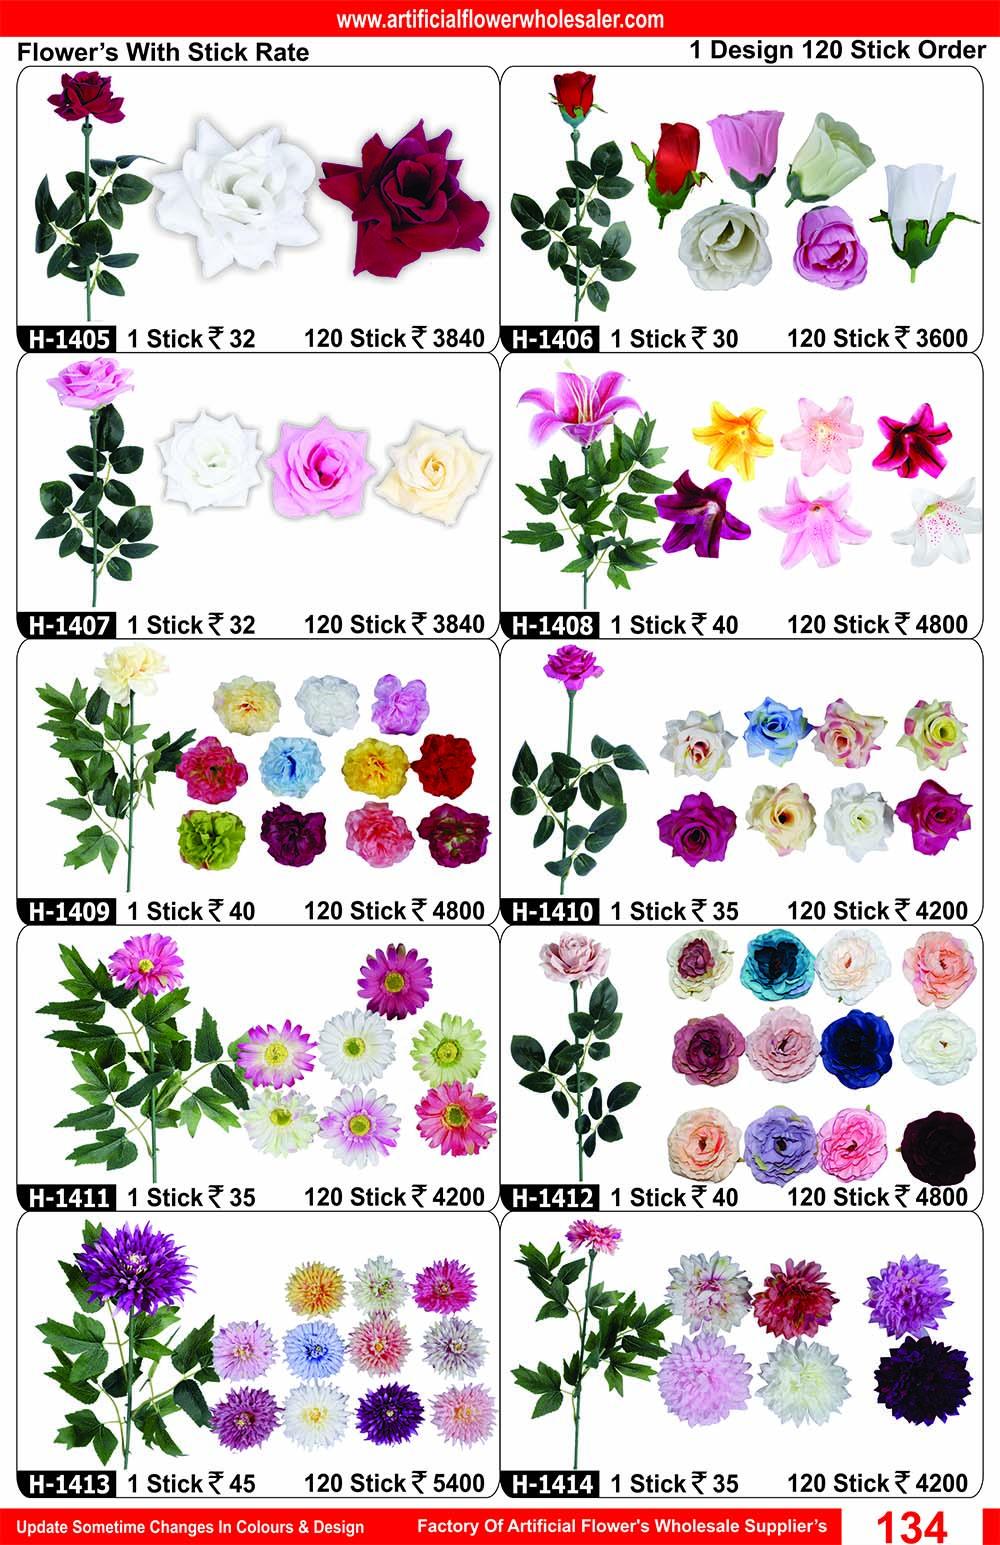 134-artificial-flower-wholesaler